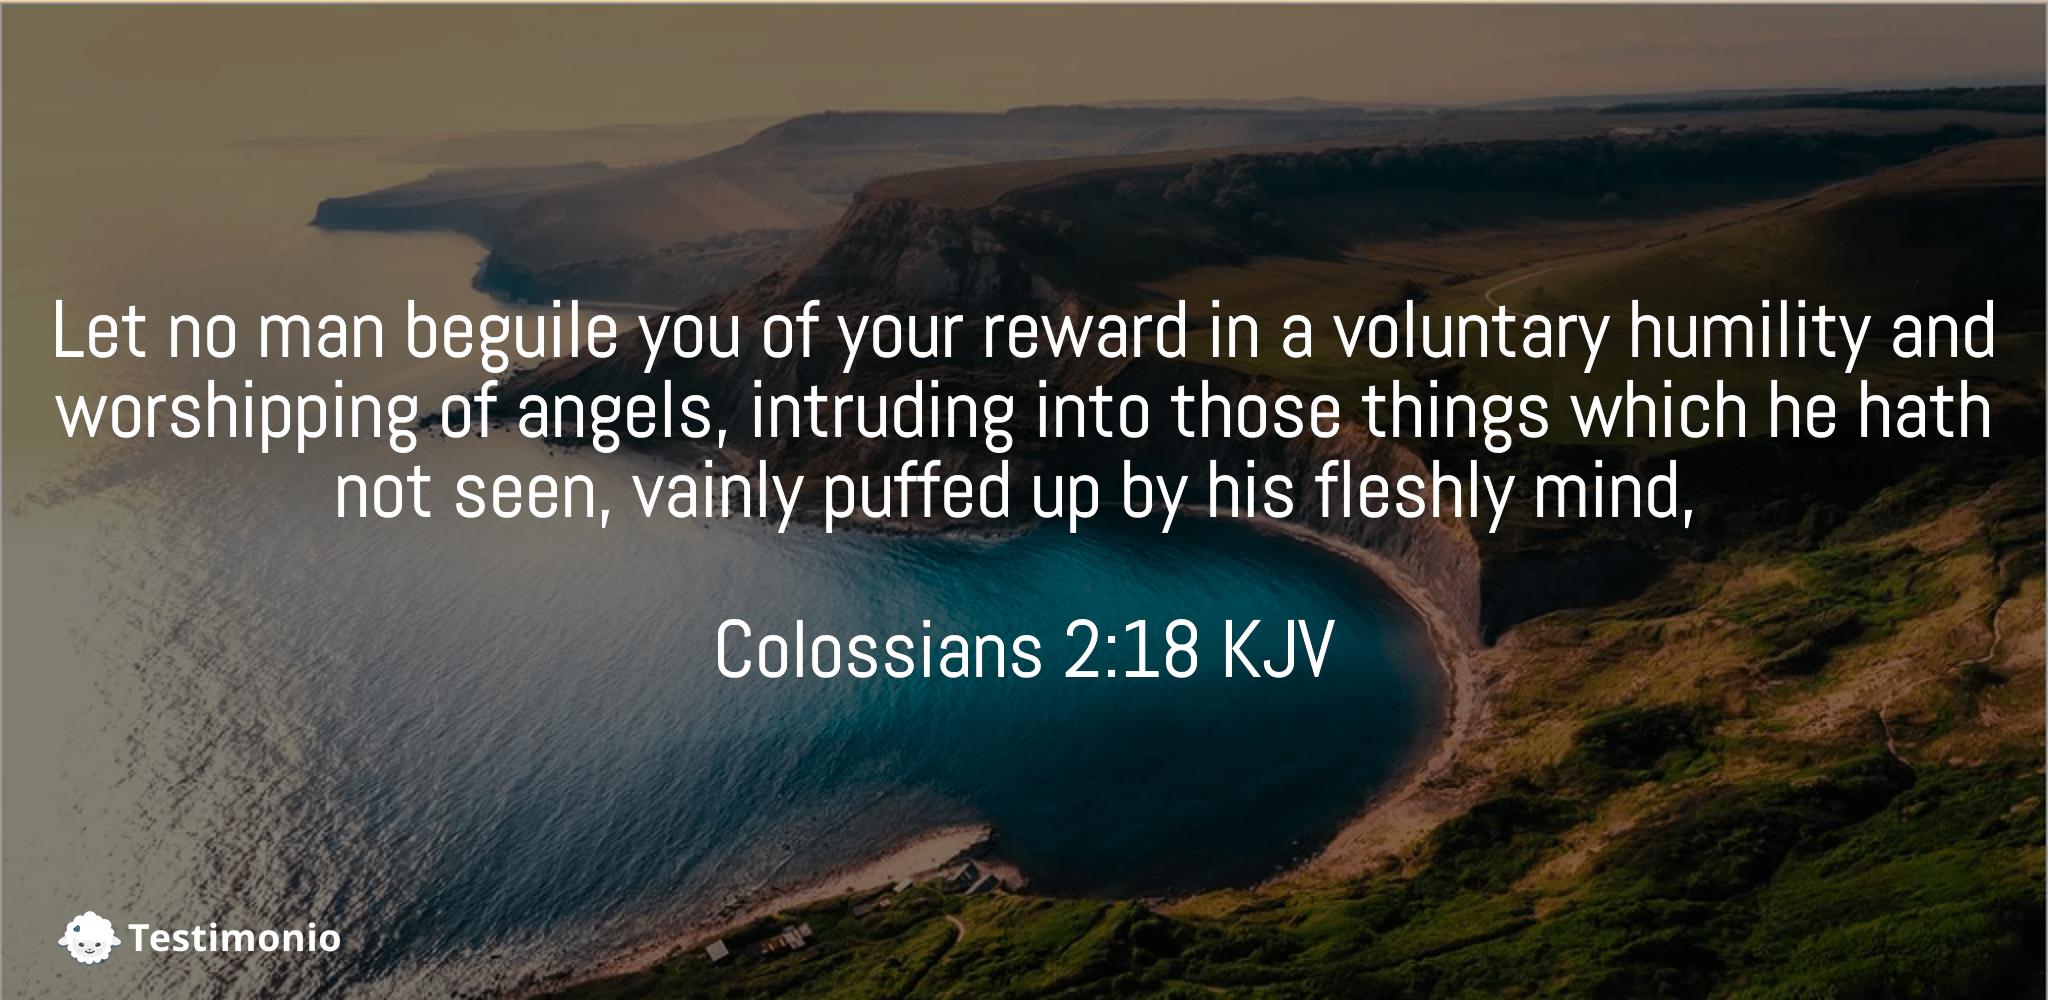 Colossians 2:18